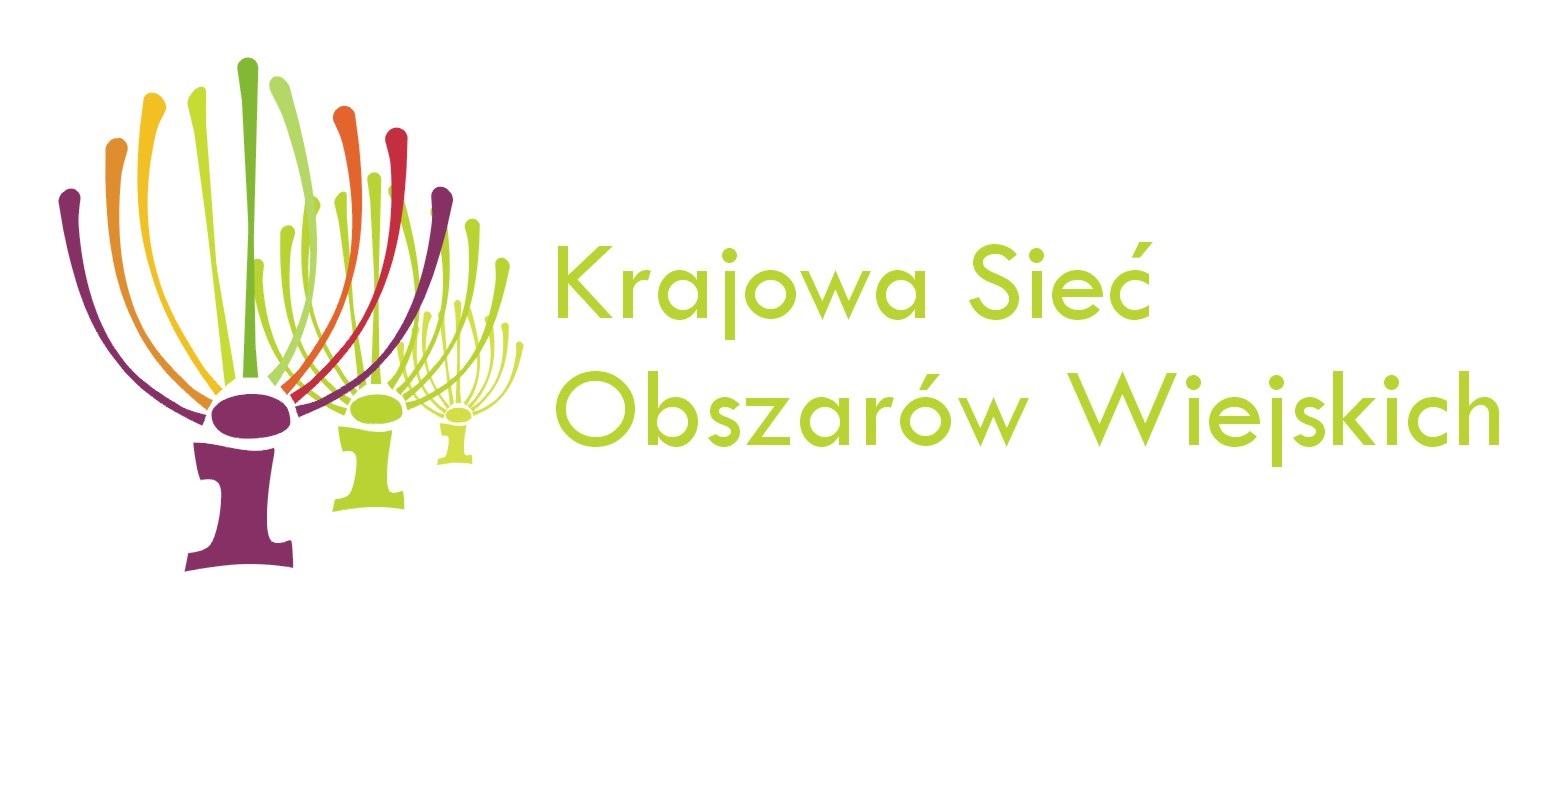 Jednostka Regionalna KSOW w województwie śląskim zaprasza do wzięcia udziału w spotkaniach dla beneficjentów i potencjalnych beneficjentów PROW na lata 2014-2020.